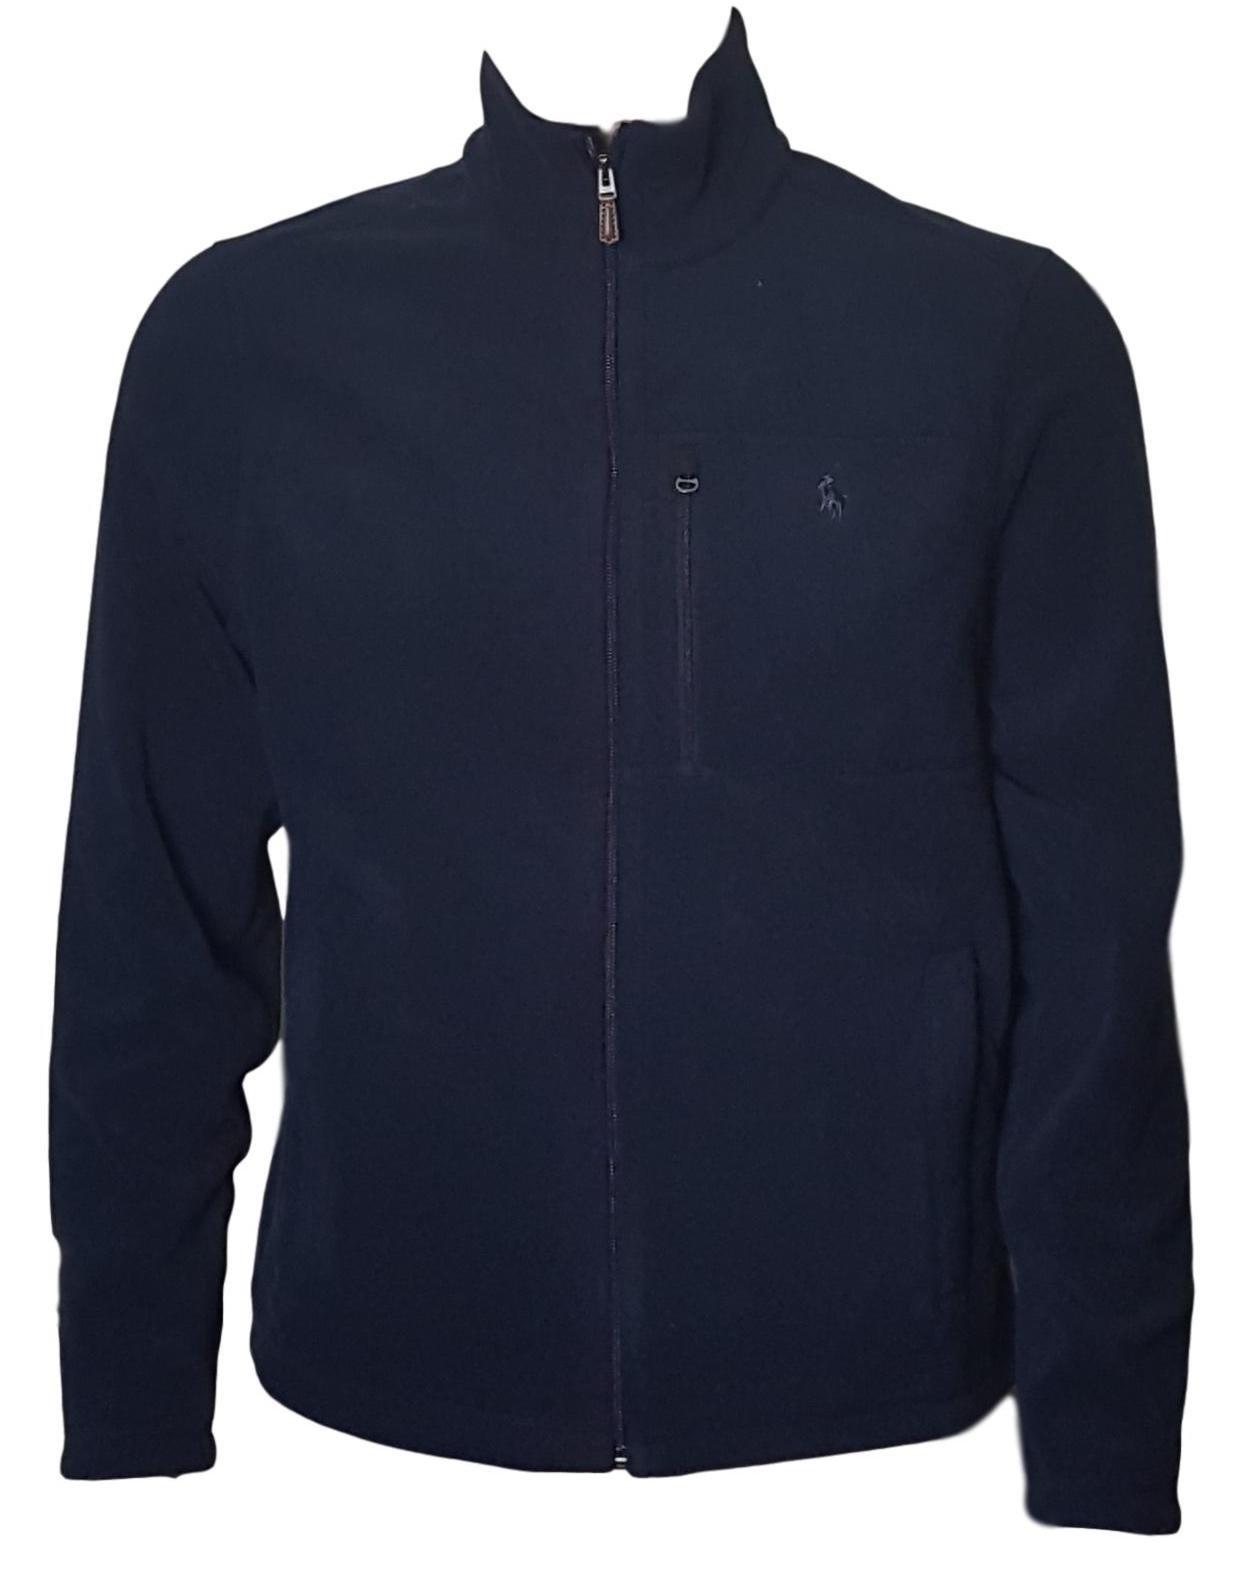 Polo Ralph Lauren Men's Performance Full Zip Fleece Jacket (XL, Navy)